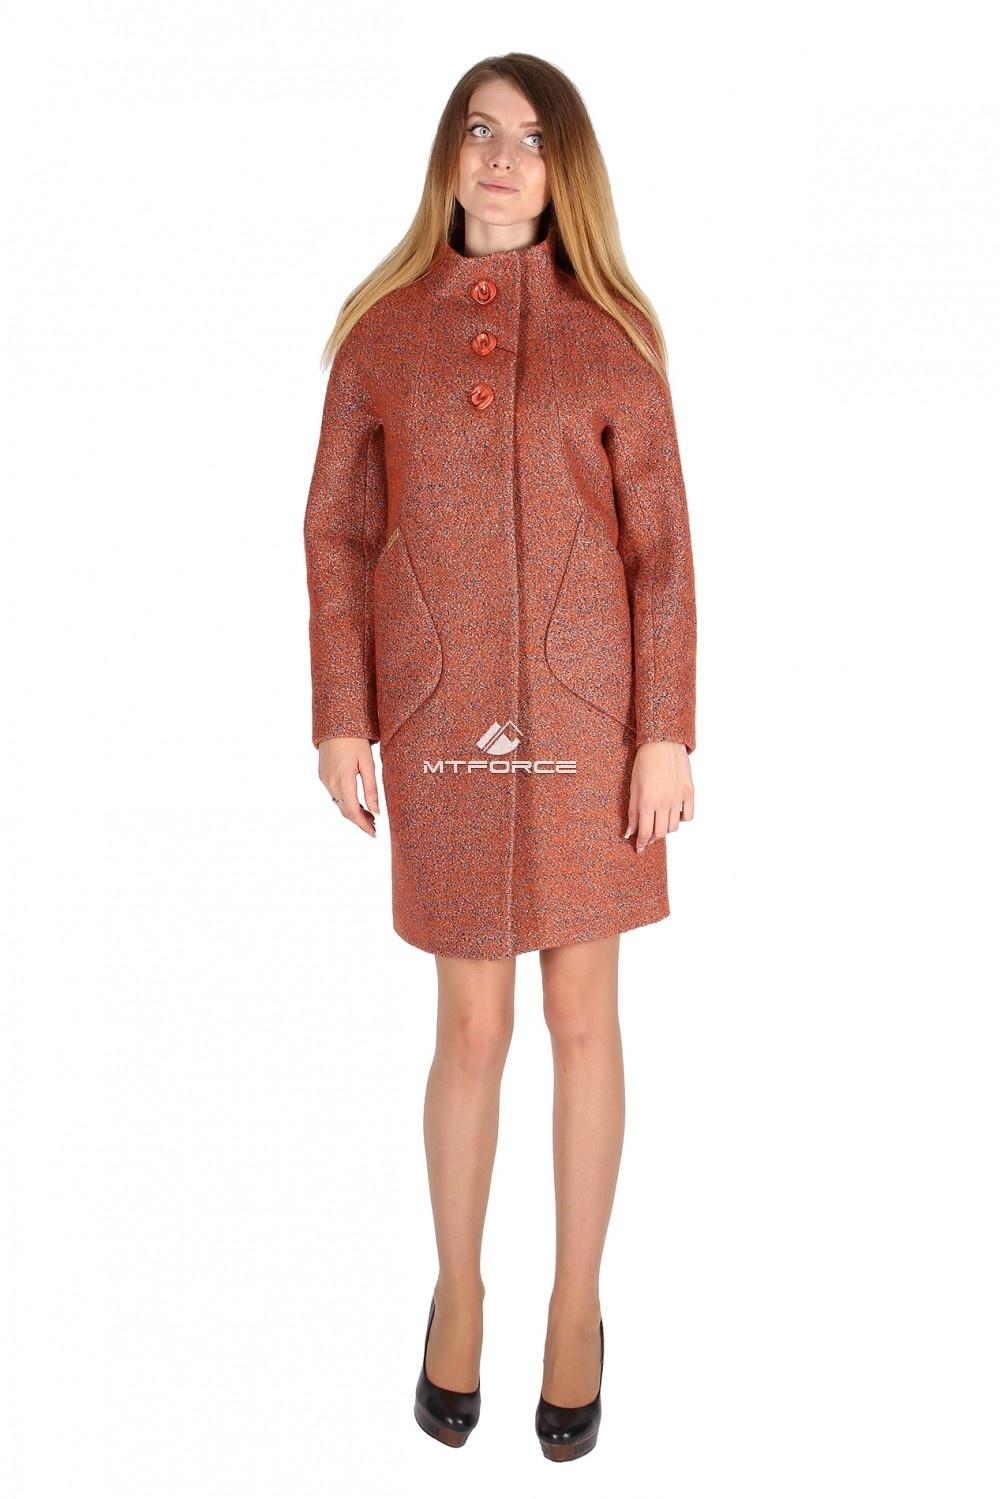 Купить                                  оптом Пальто женское оранжевого цвета 16291O